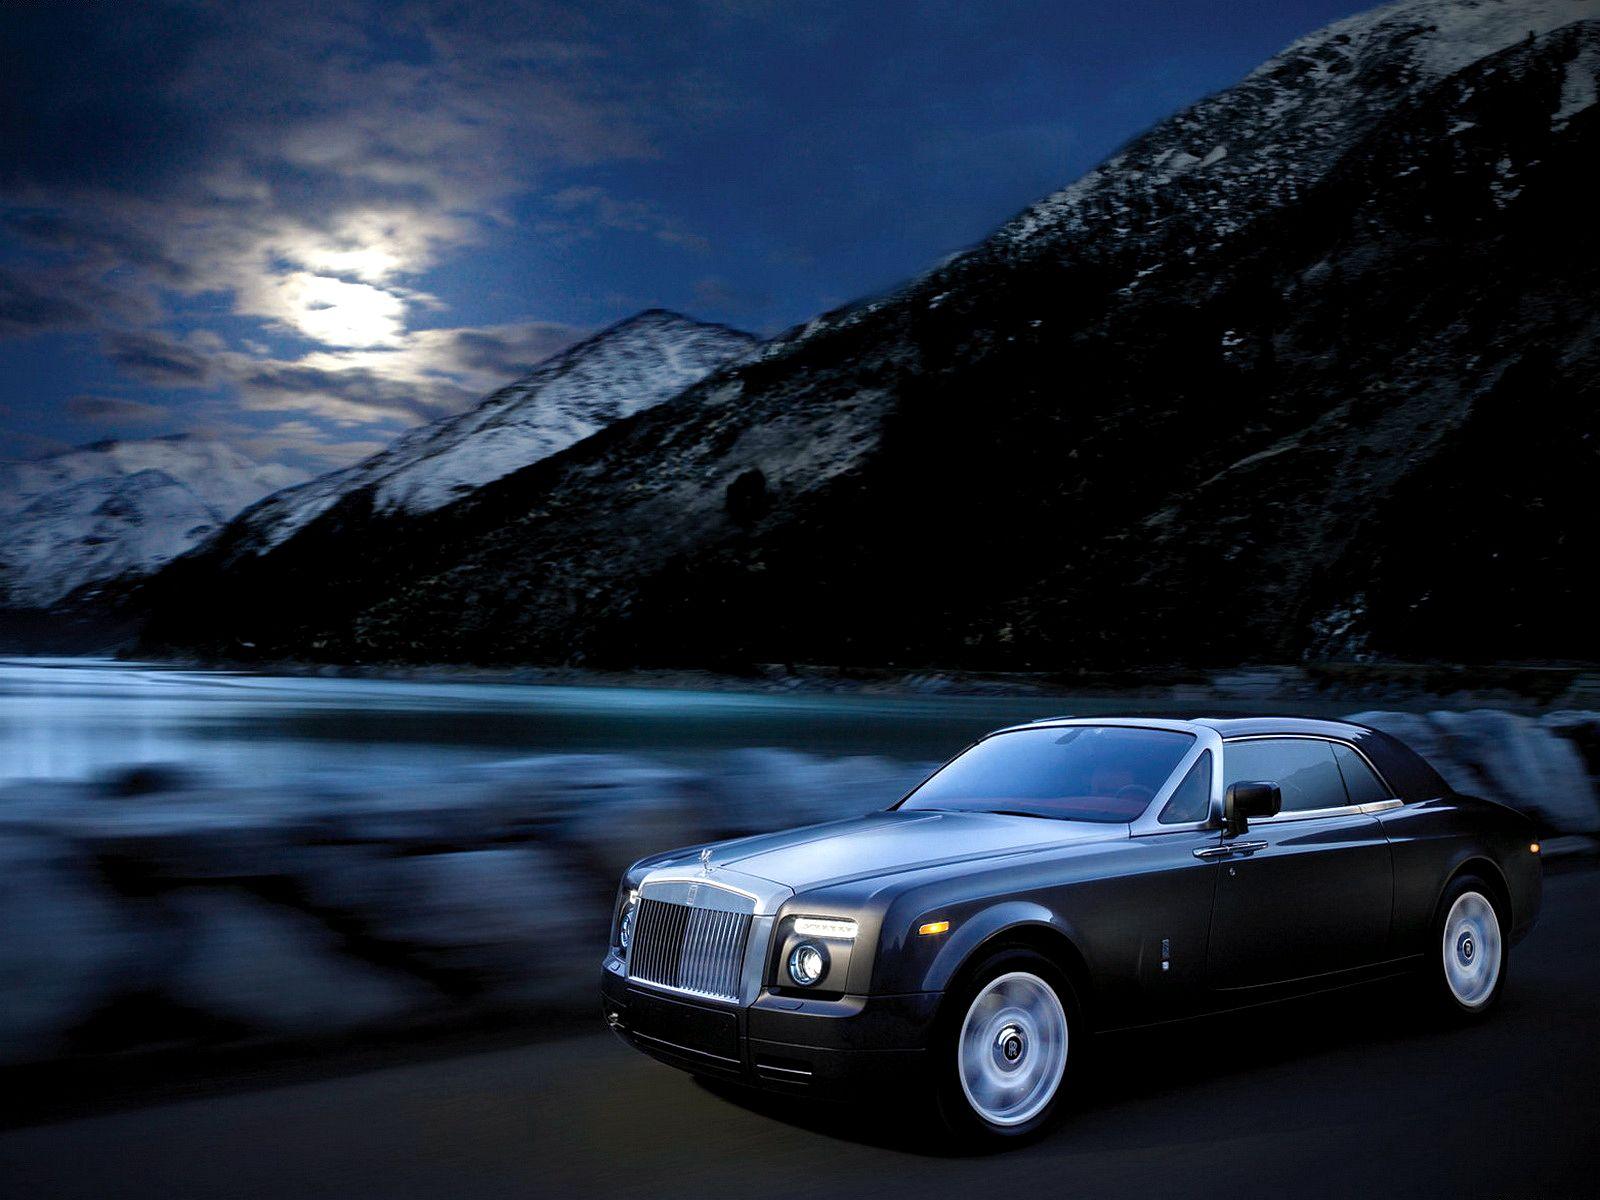 http://1.bp.blogspot.com/-gGbCI5EZZWE/T6veZwUEwWI/AAAAAAAAFMU/2fbw2oOM48I/s1600/694-cars_rolls_royce_phantom_wallpaper.jpg